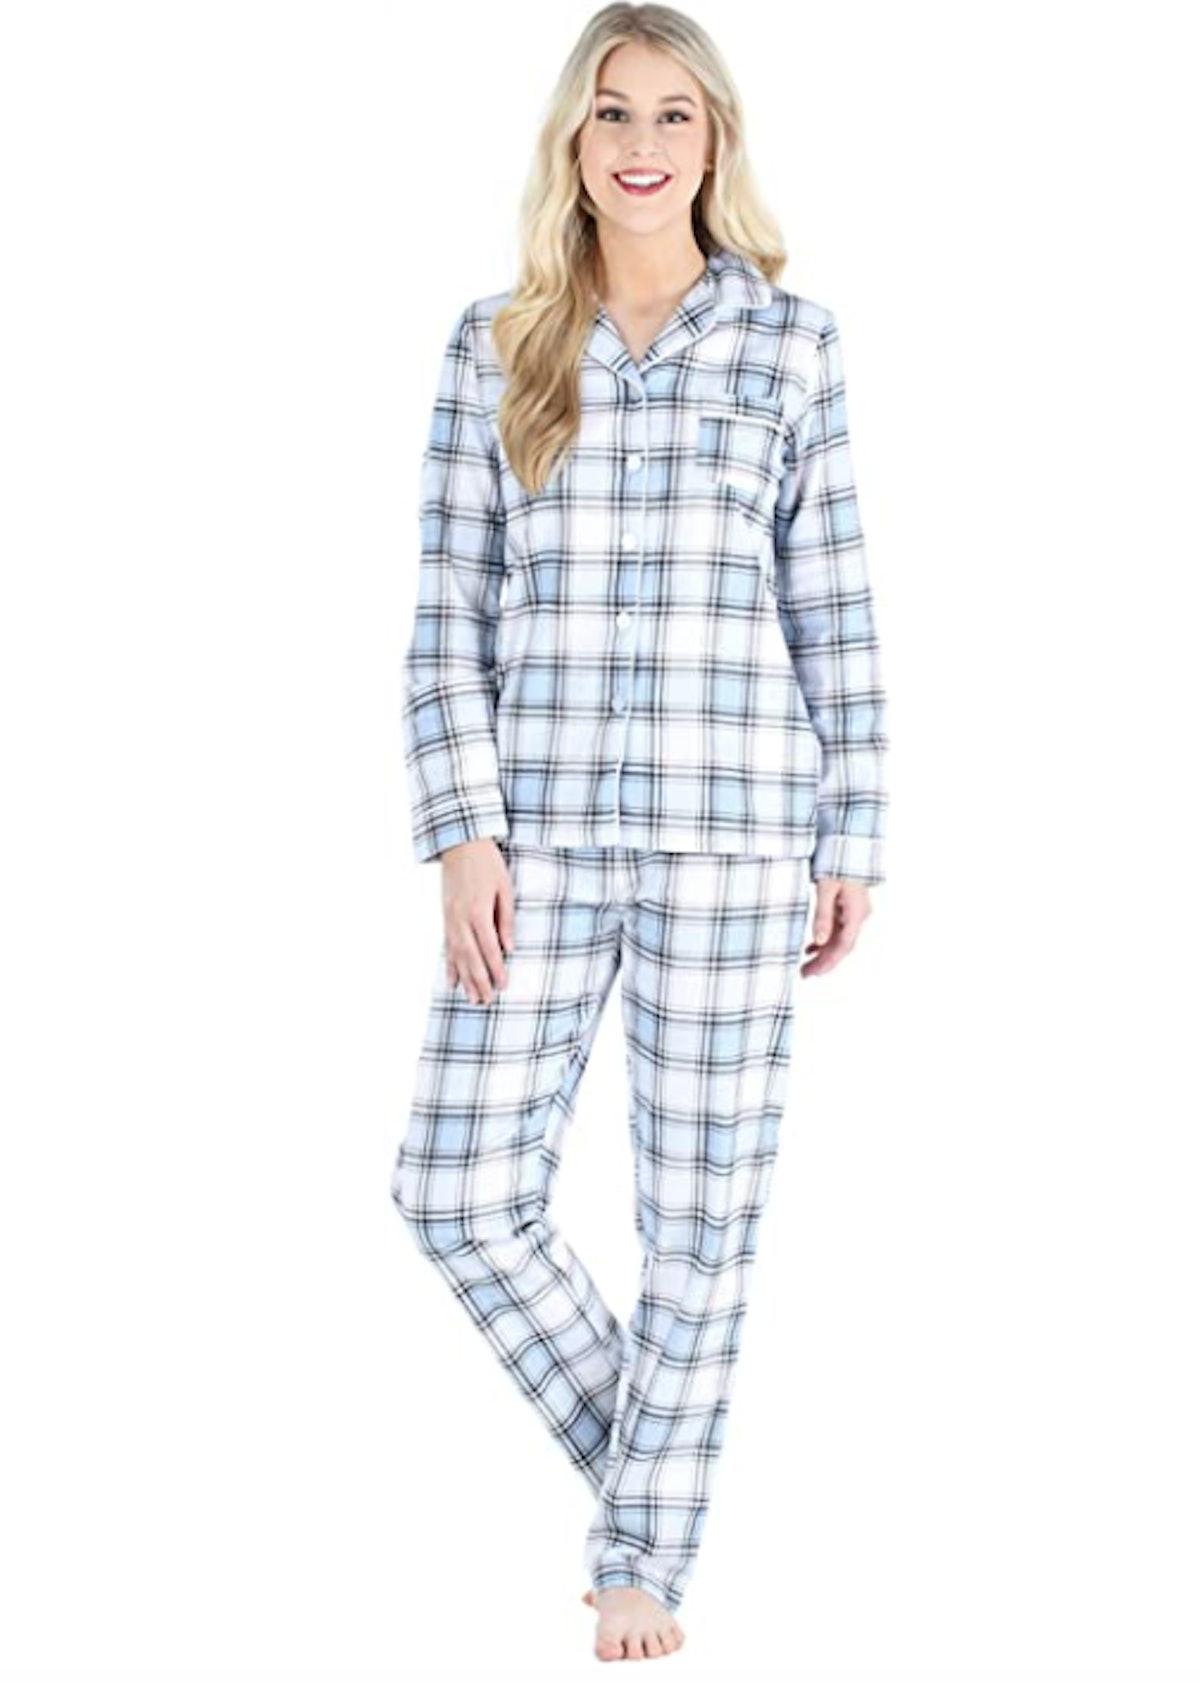 PajamaMania Flannel Long Sleeve Pajama Set